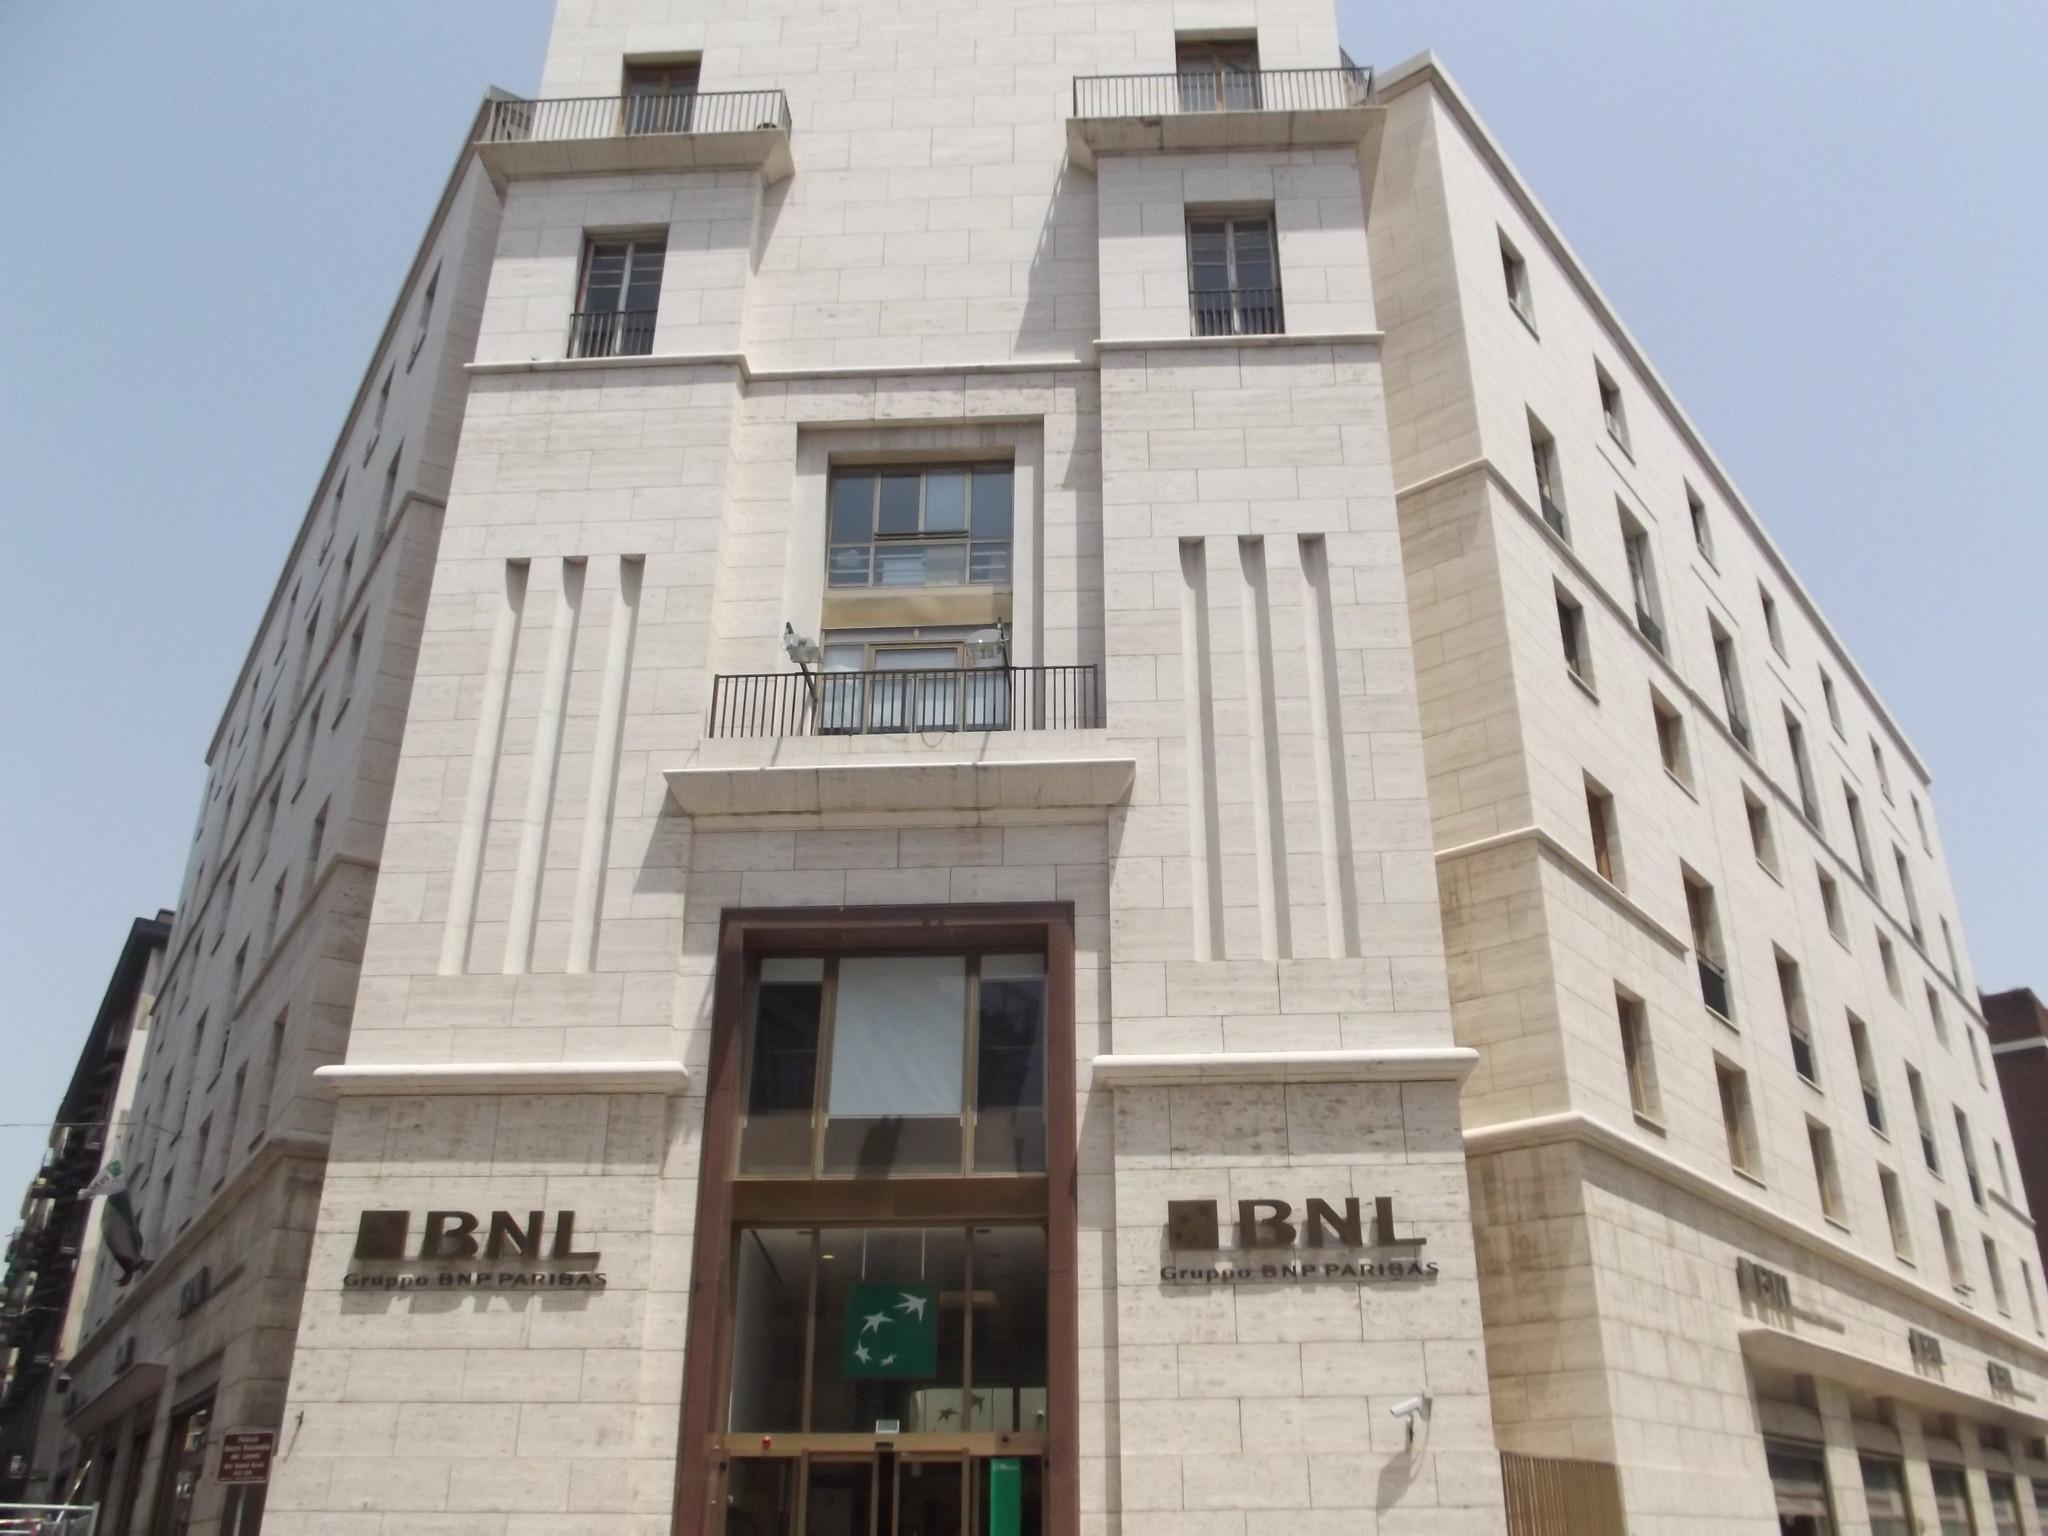 Armando Brasini, Palazzo della Banca Nazionale del Lavoro, Napoli. Photo Elliott Brown via Flickr, luglio 2012